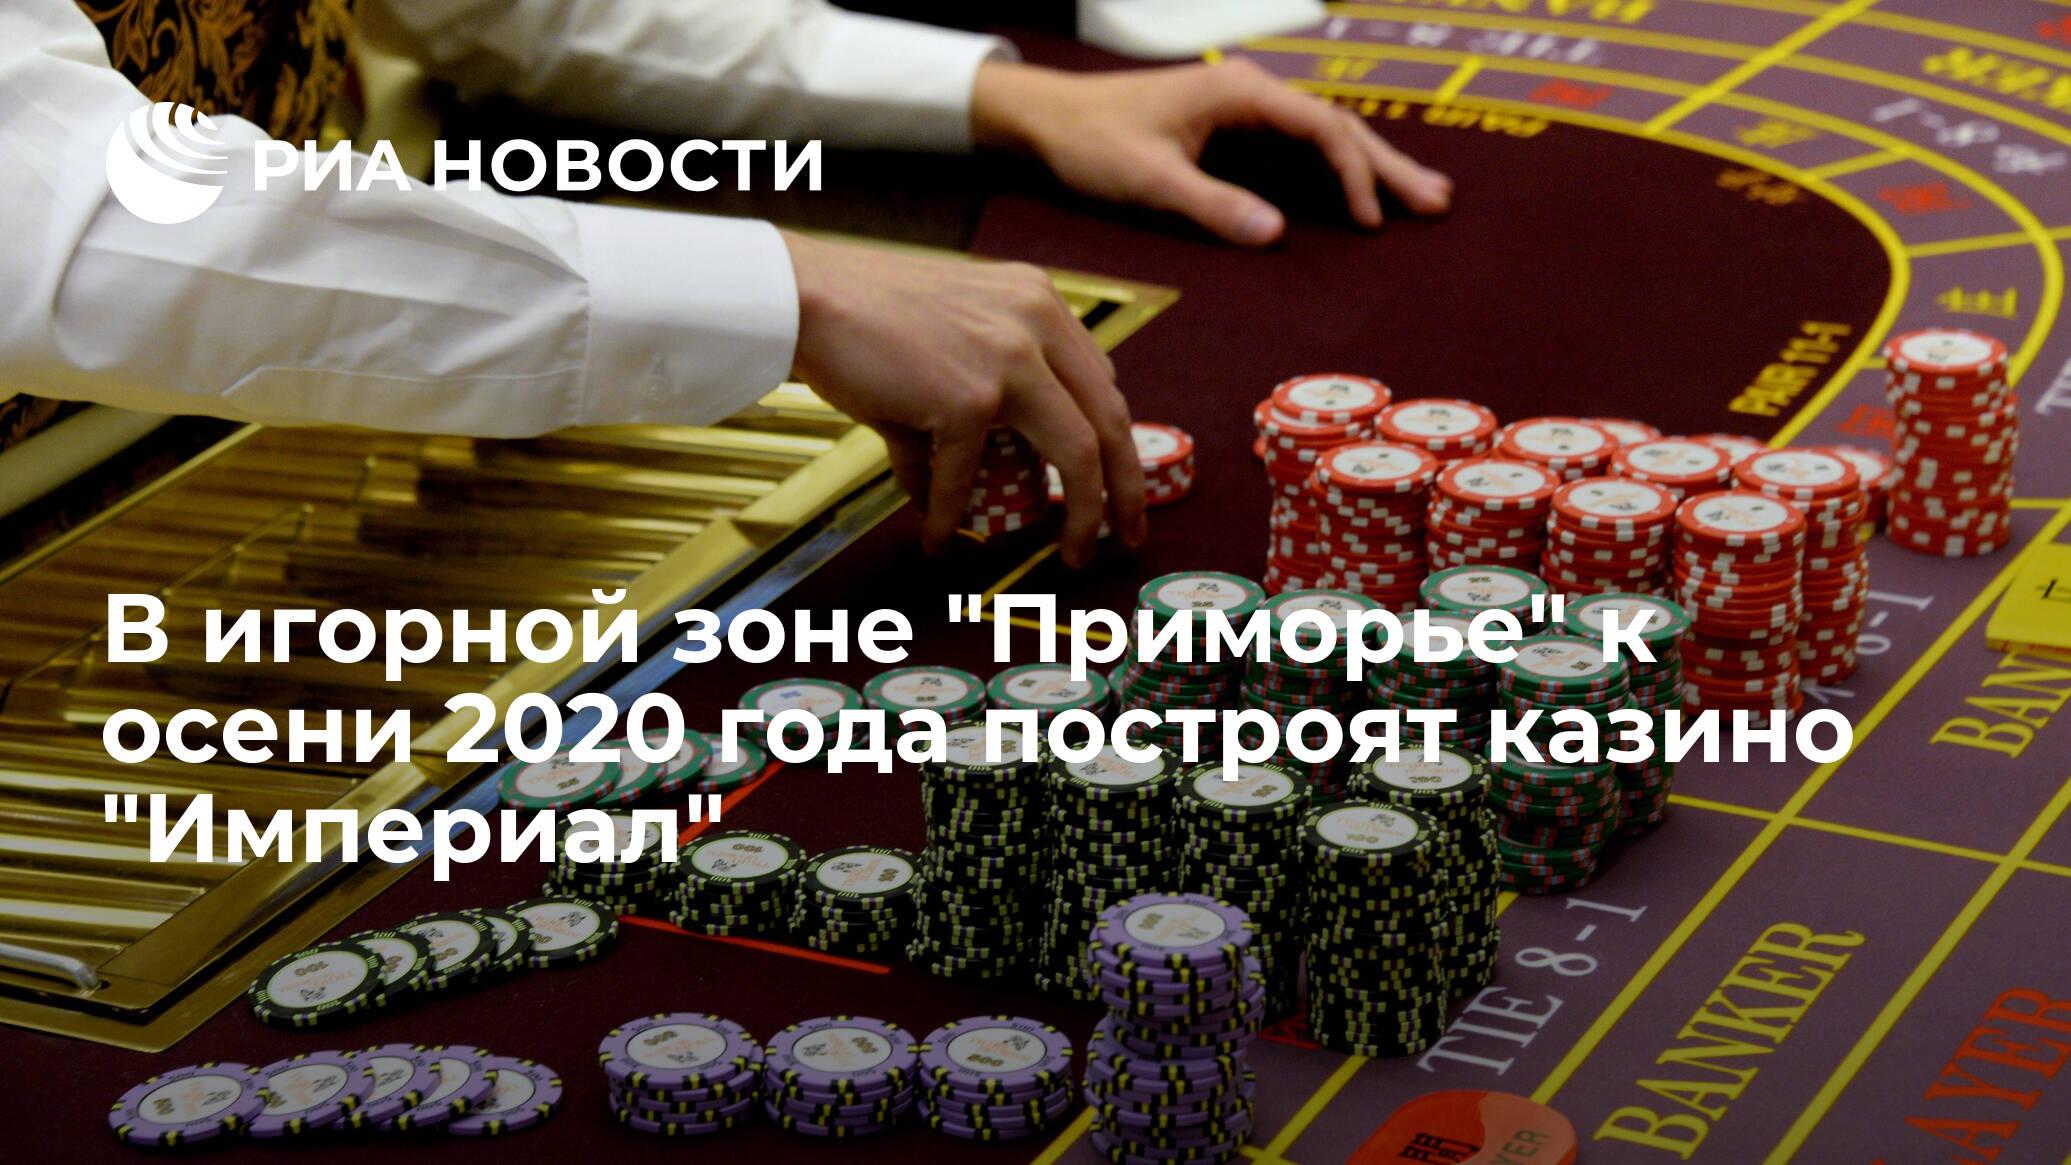 Новости в казино приморье бонус казино который можно вывести